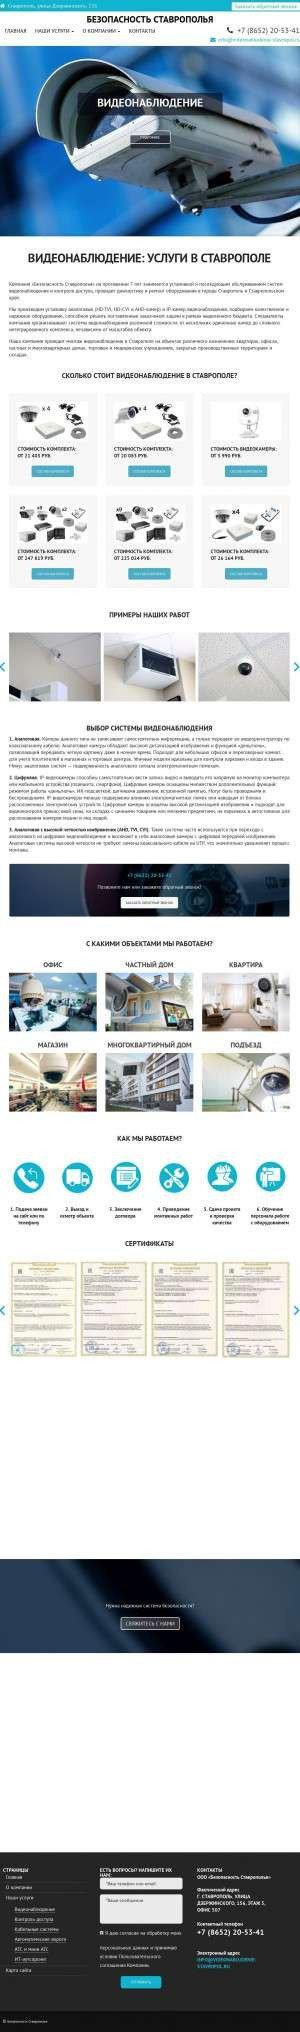 Предпросмотр для videonabludenie-stavropol.ru — Безопасность Ставрополья